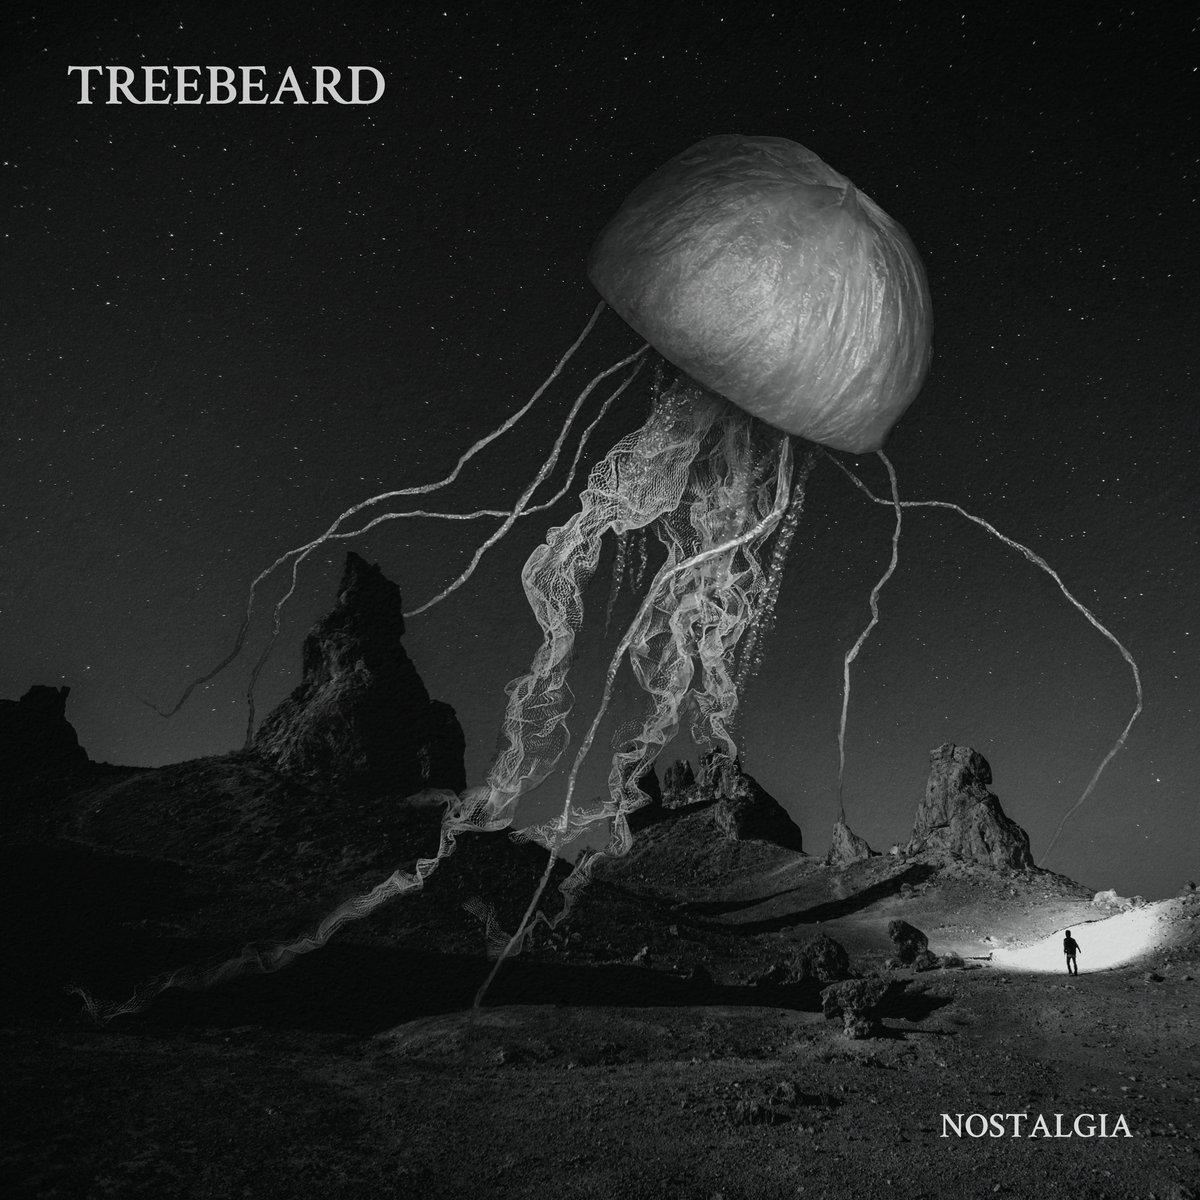 Treebeard Nostalgia